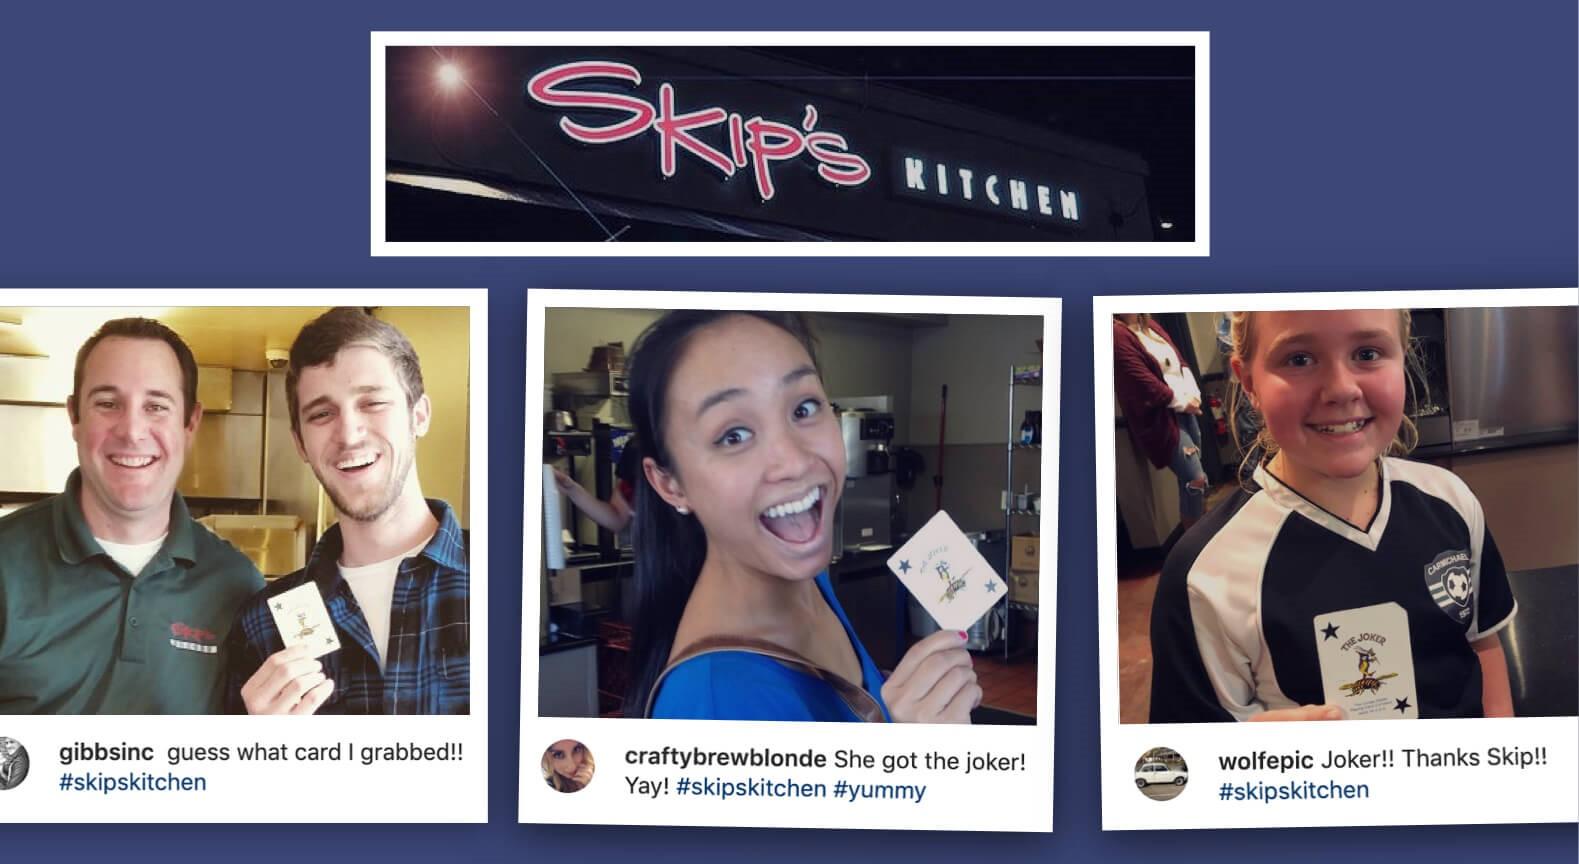 غذای رایگان در روز افتتاحیه رستوران Skip's Kitchen